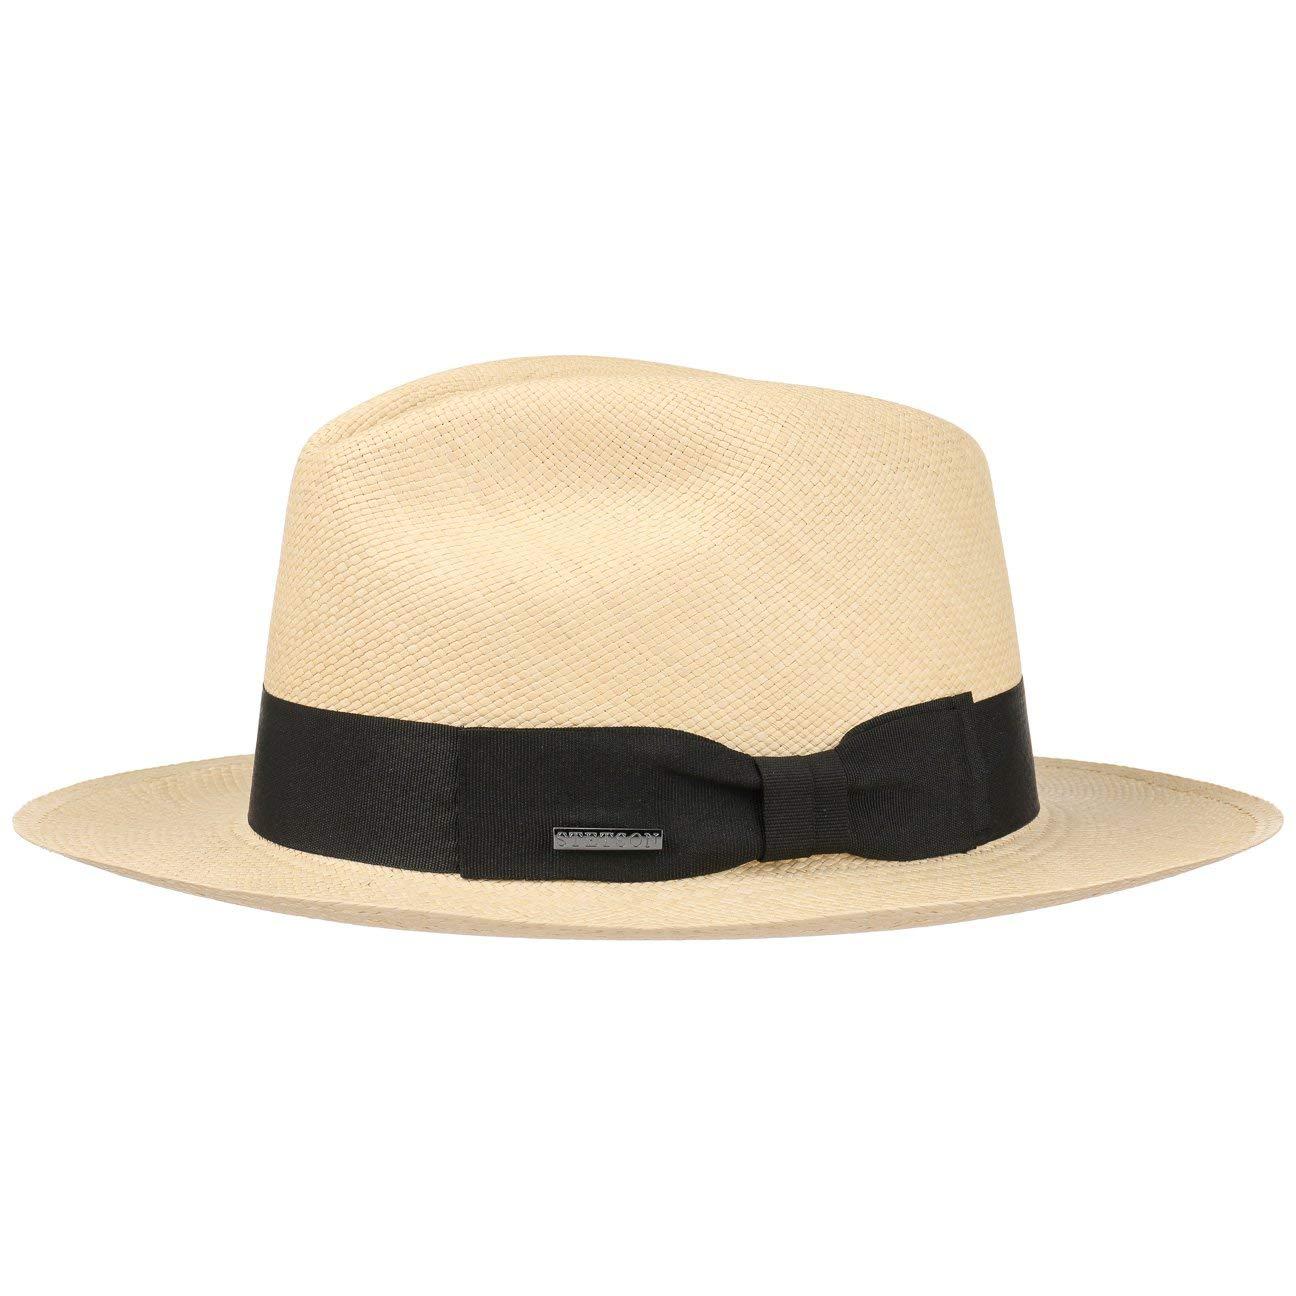 Stetson Cappello Panama Valmora Fedora Estivo da Sole Cappelli Spiaggia ea980a394869